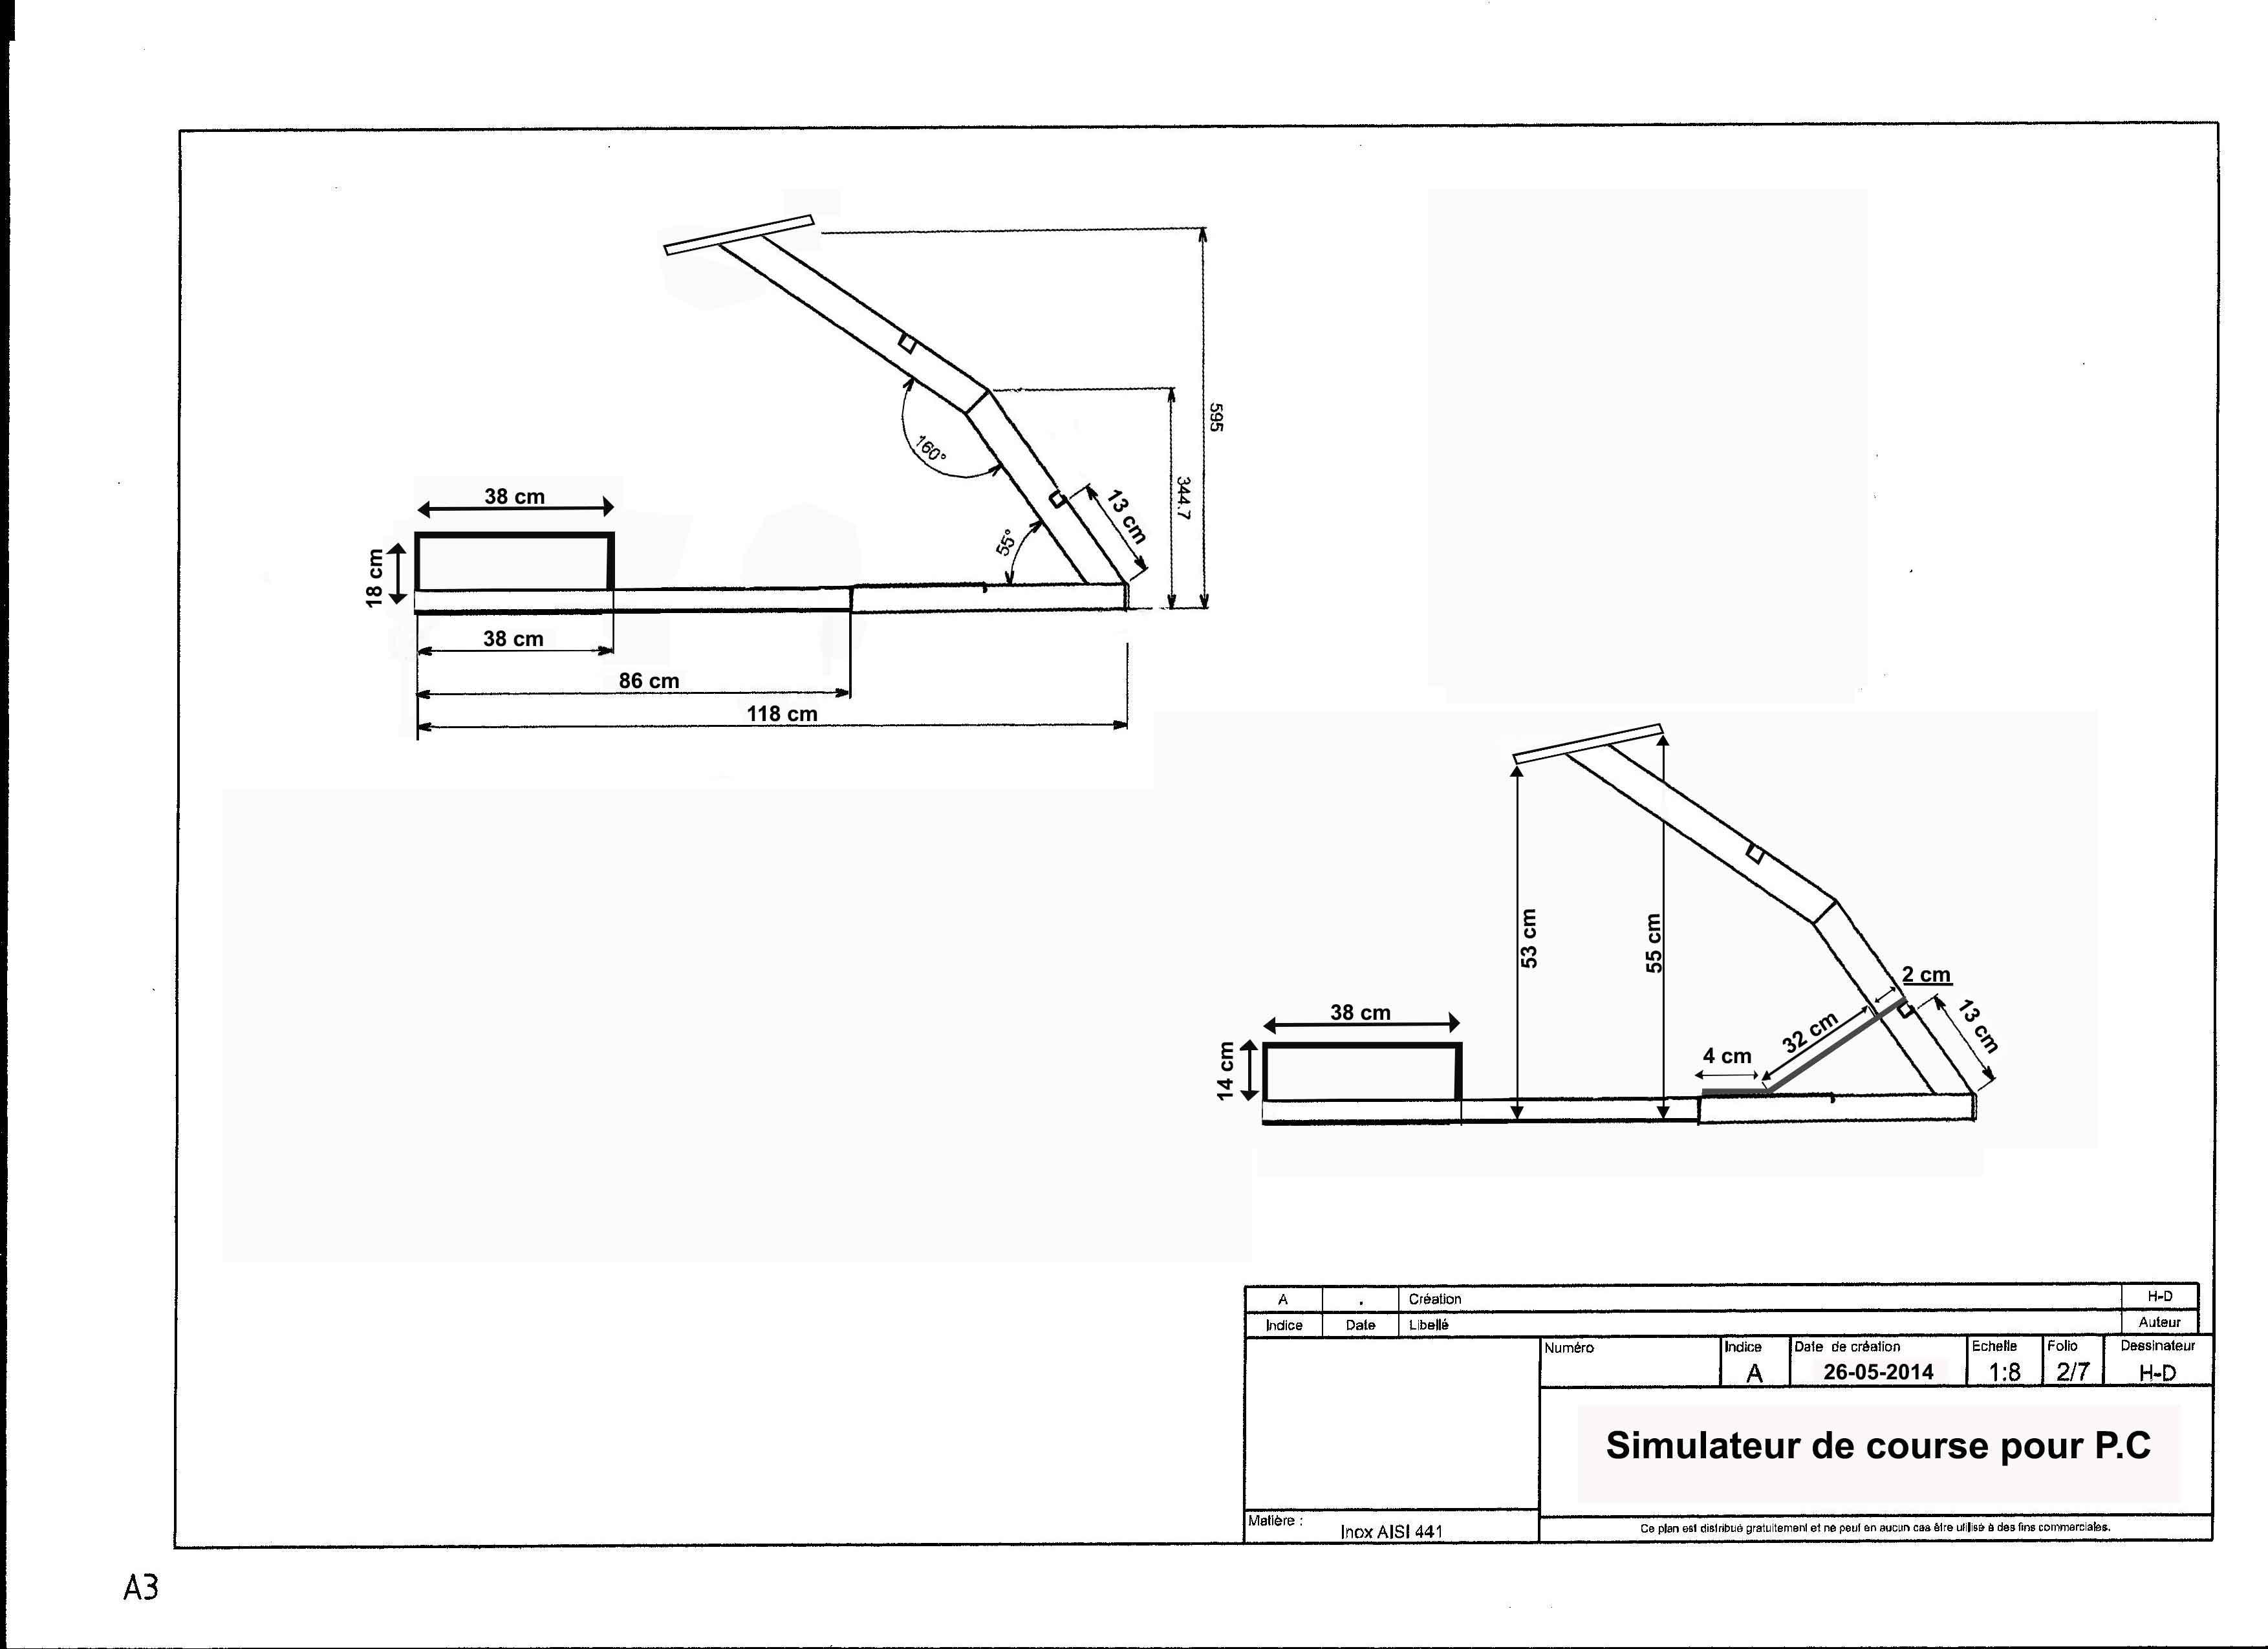 racingfr mon projet simulateur dynamique frex like de. Black Bedroom Furniture Sets. Home Design Ideas